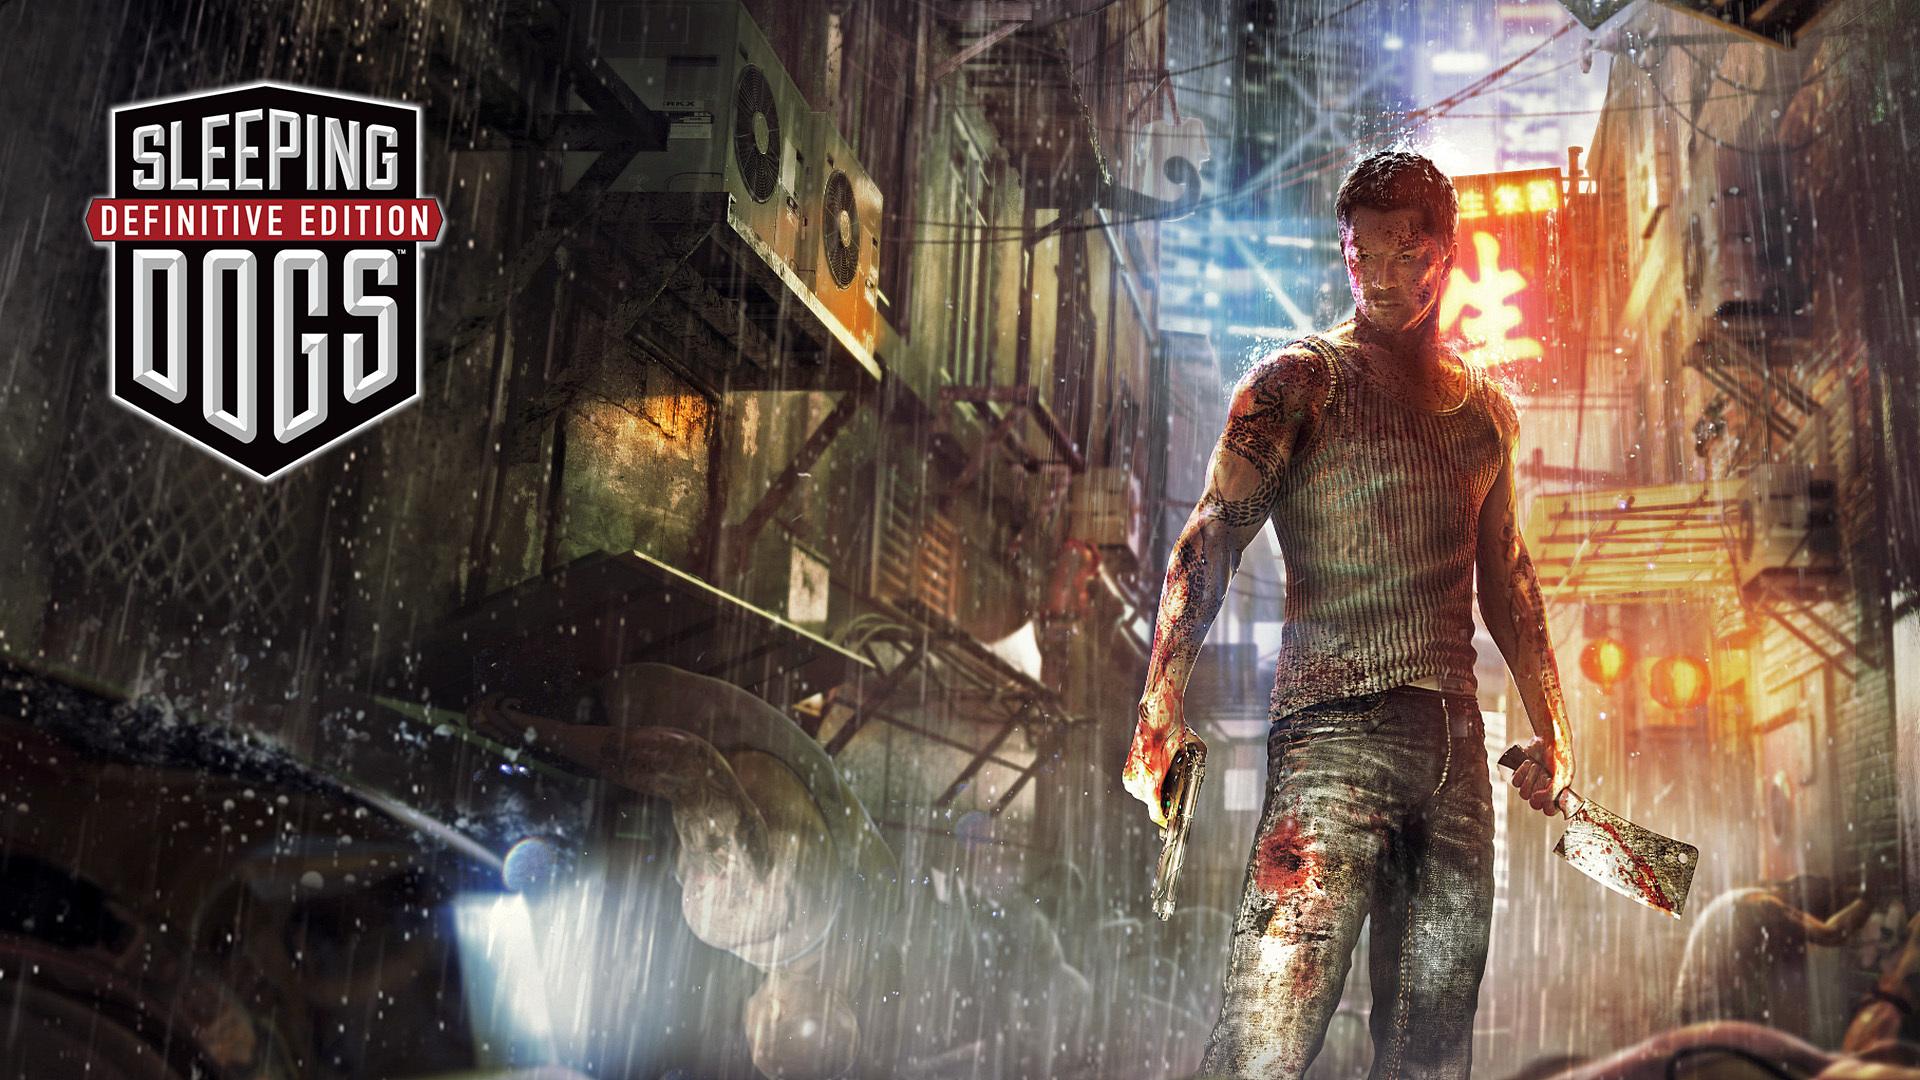 开发商倒闭《热血无赖2》计划书却被曝光